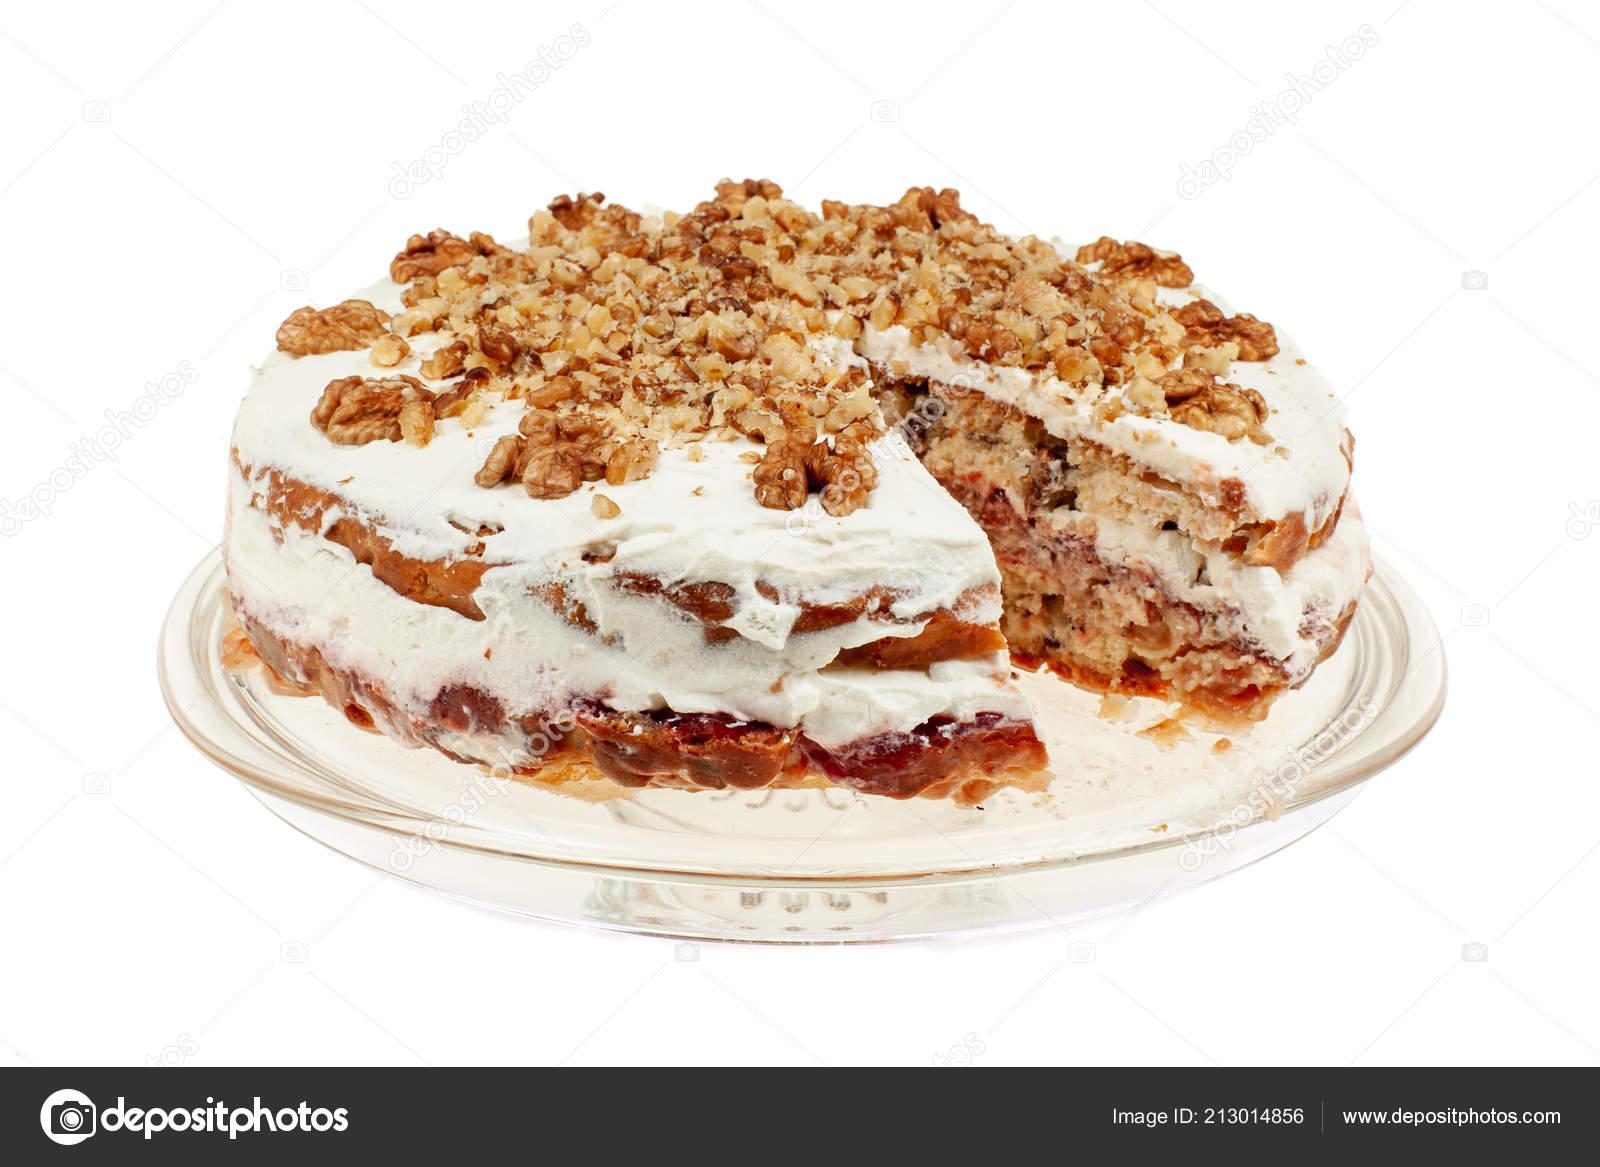 Pyszne Ciasto Z Jablkiem I Bita Smietana Napelniania Zdjecie